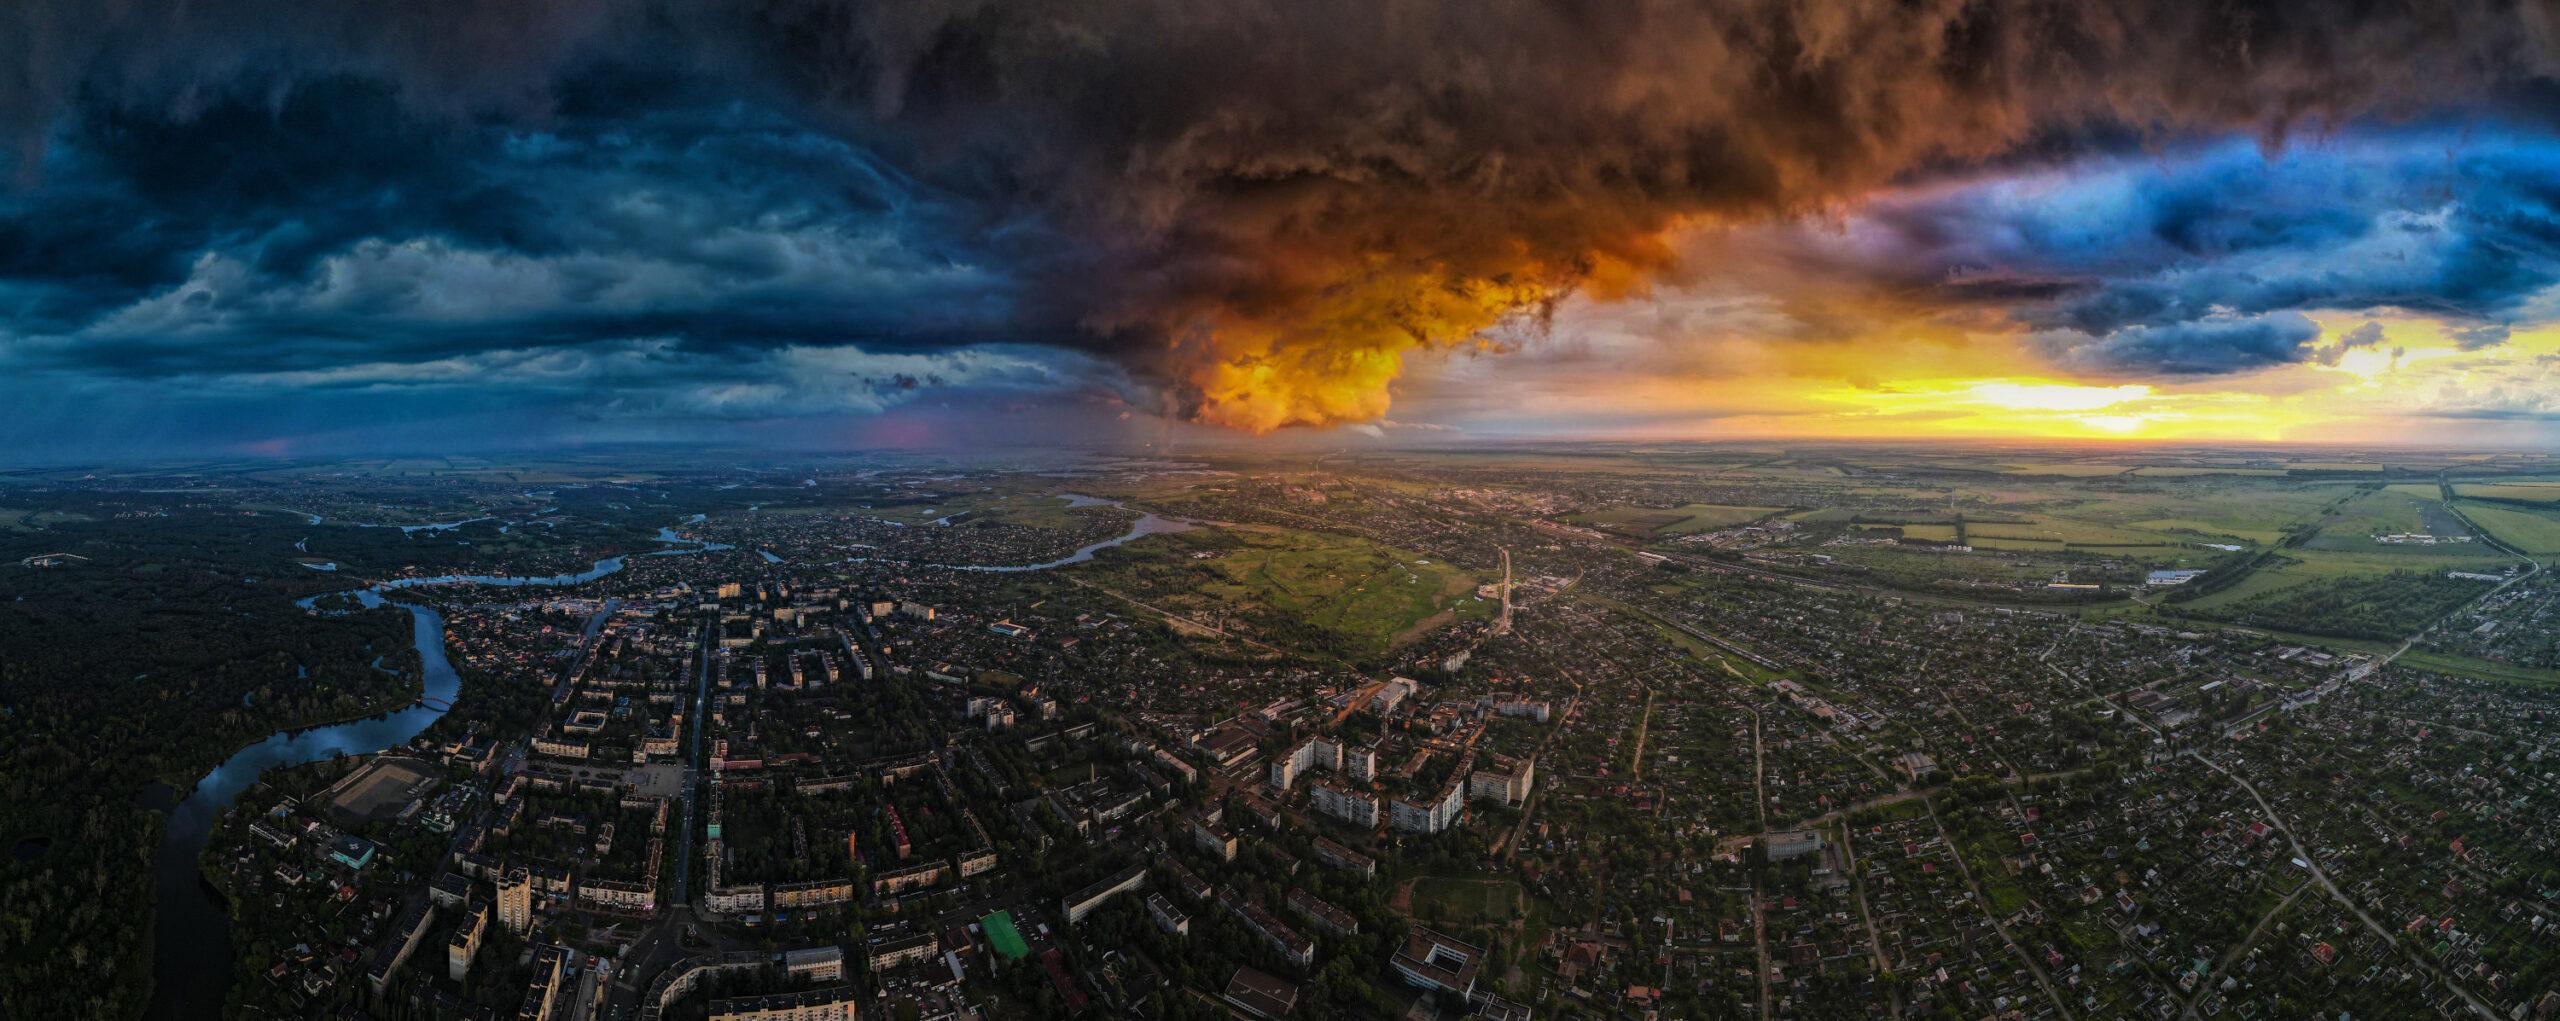 Гроза над городом, июнь 2021